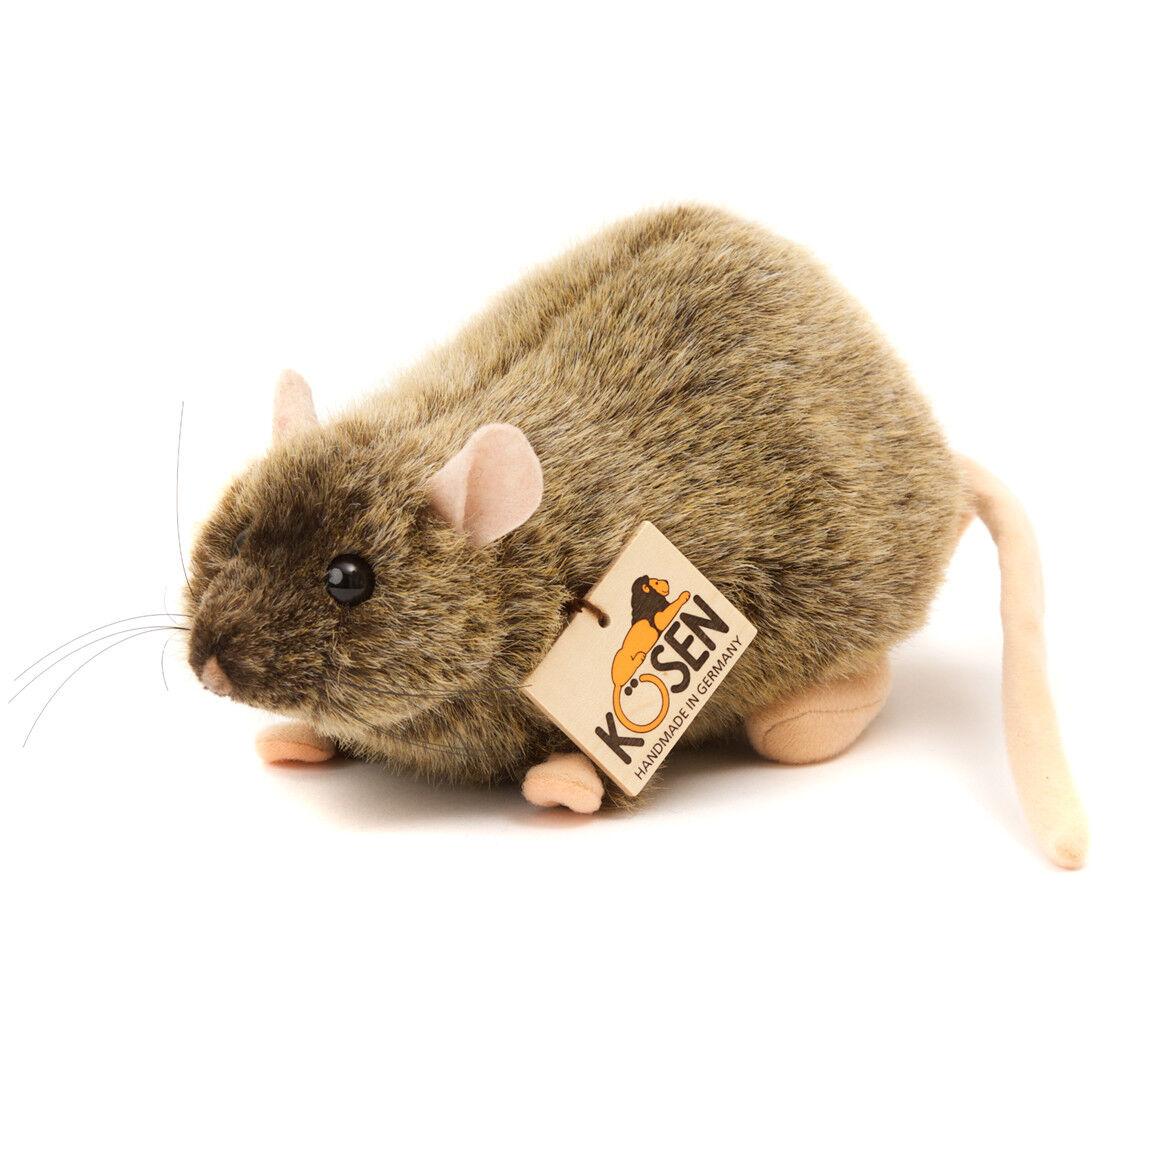 Marrone Rat - Collezionabile Morbido Peluche Giocattolo - Kosen / Kösen - 3670 -